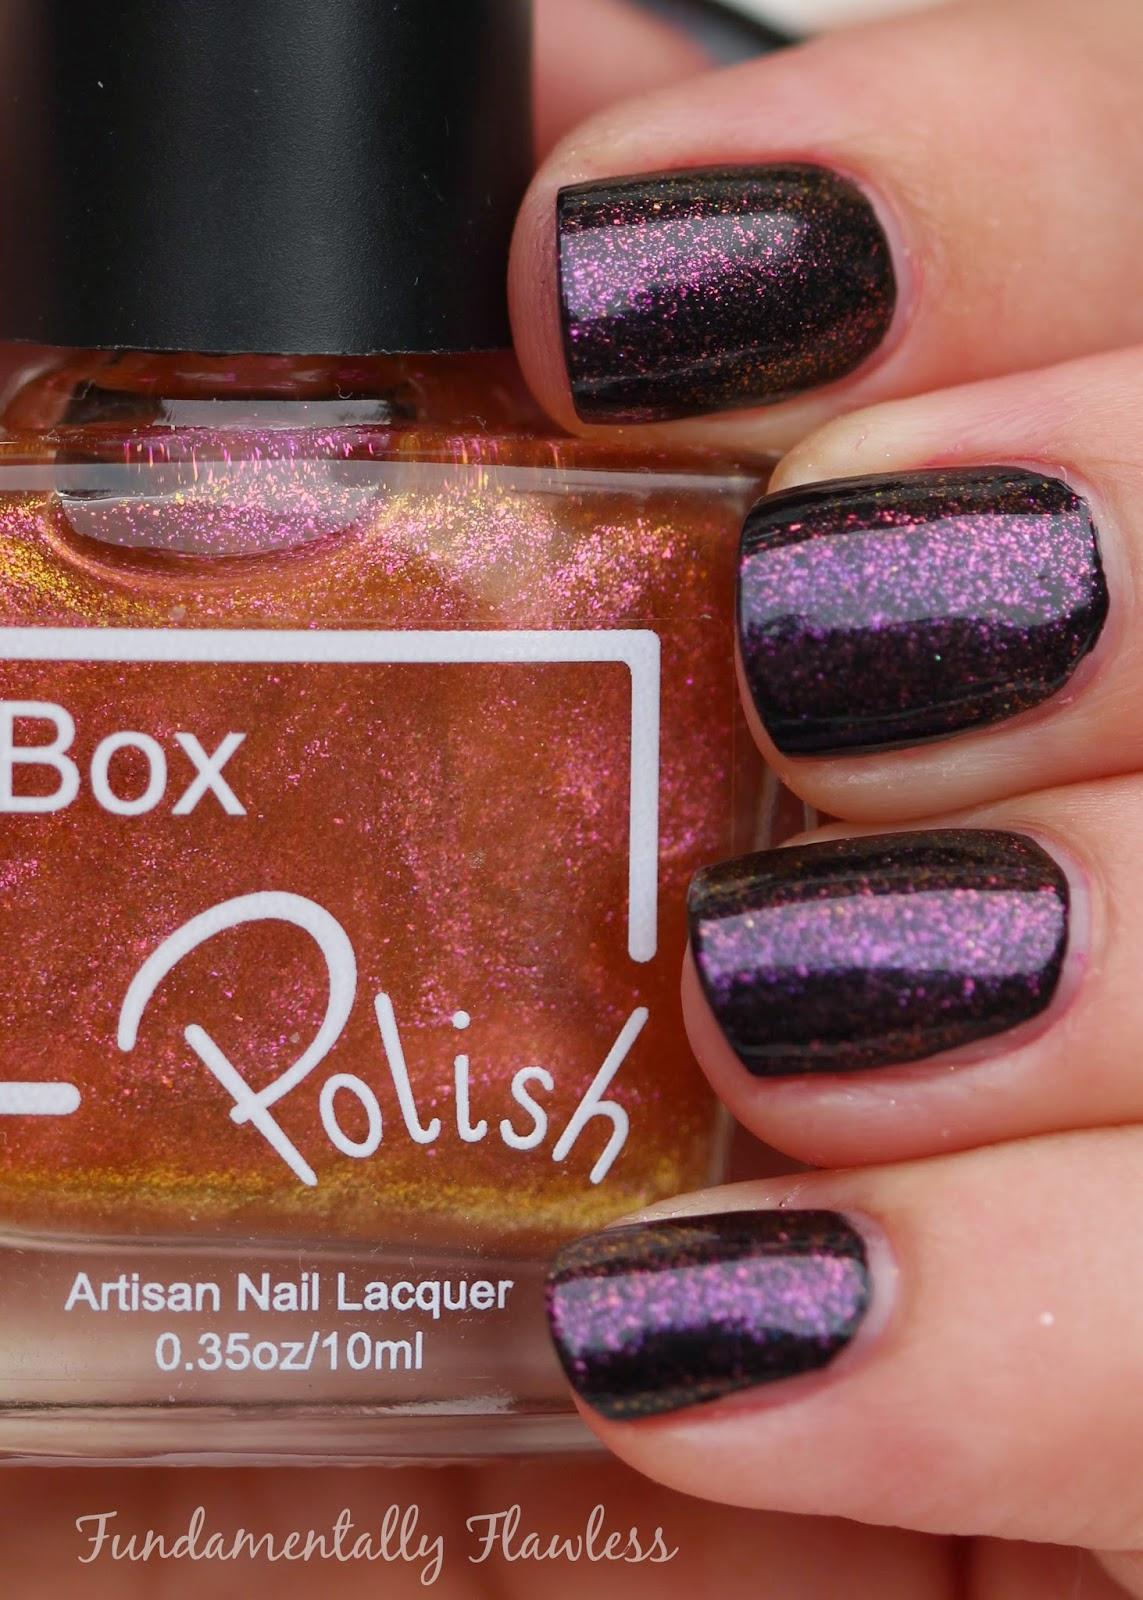 Box Polish Hypnotise swatch